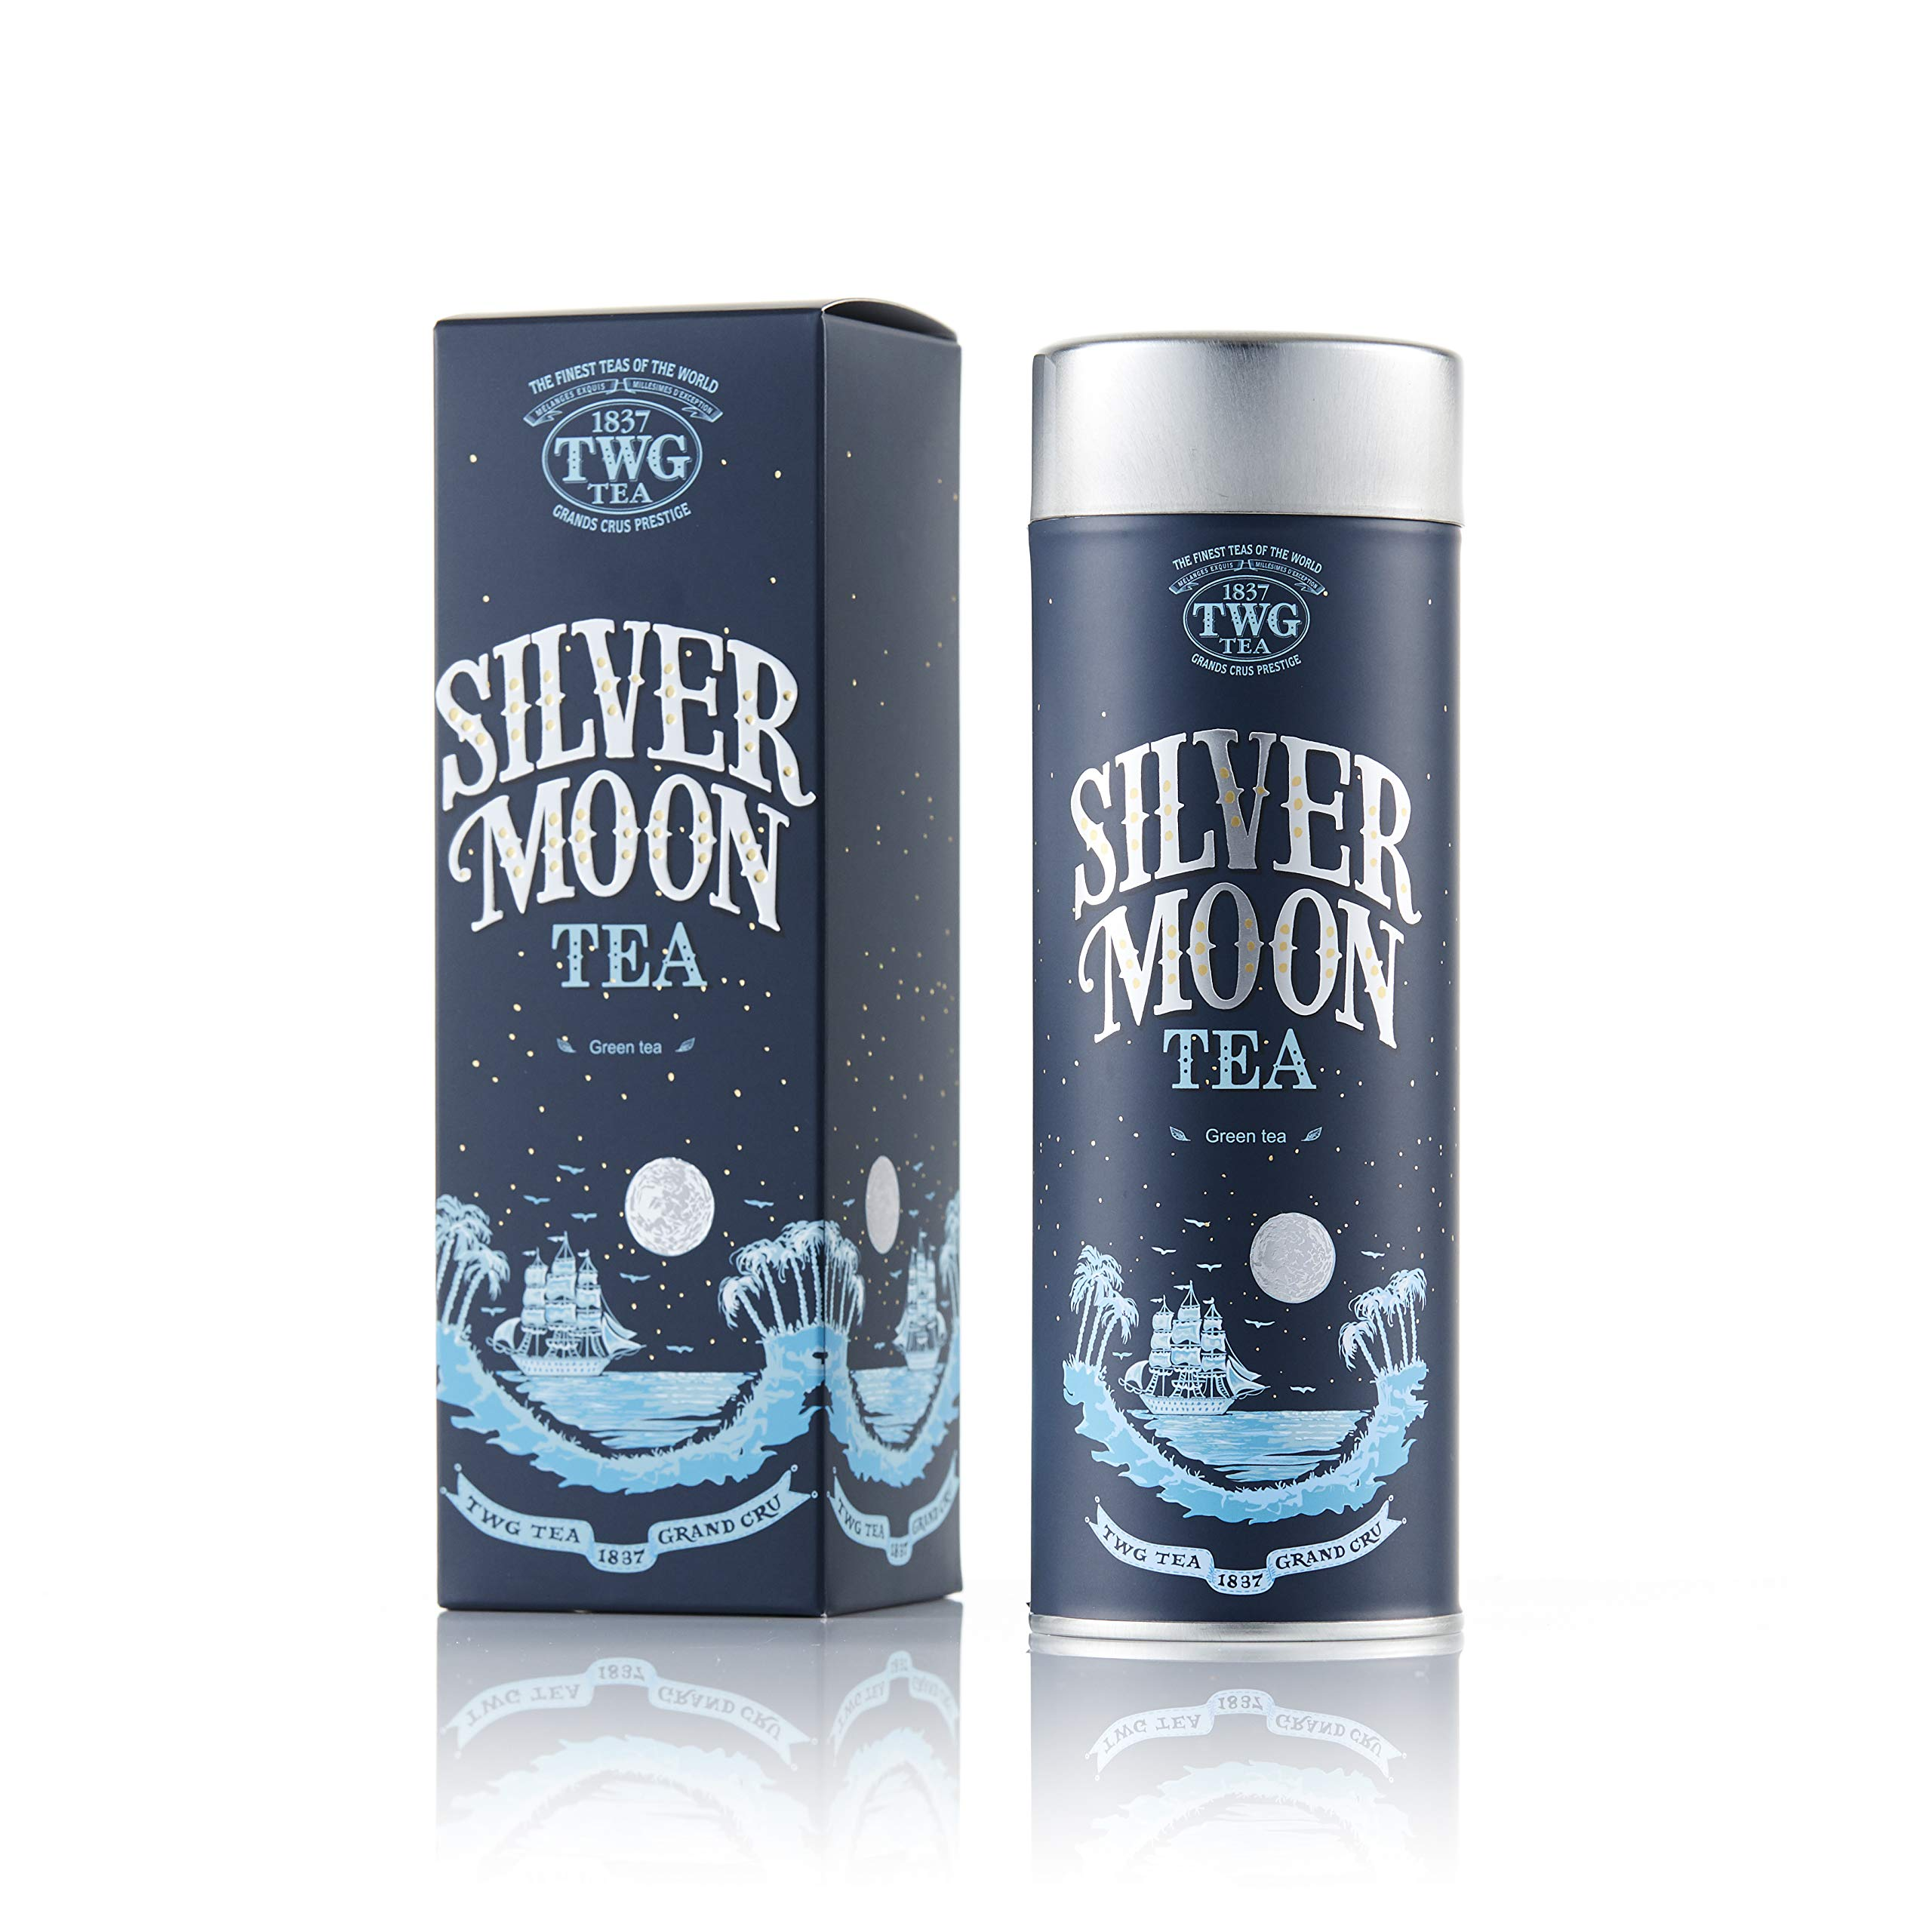 TWG Singapore - Luxury Teas - SILVER MOON TEA - 3.5oz Loose leaf